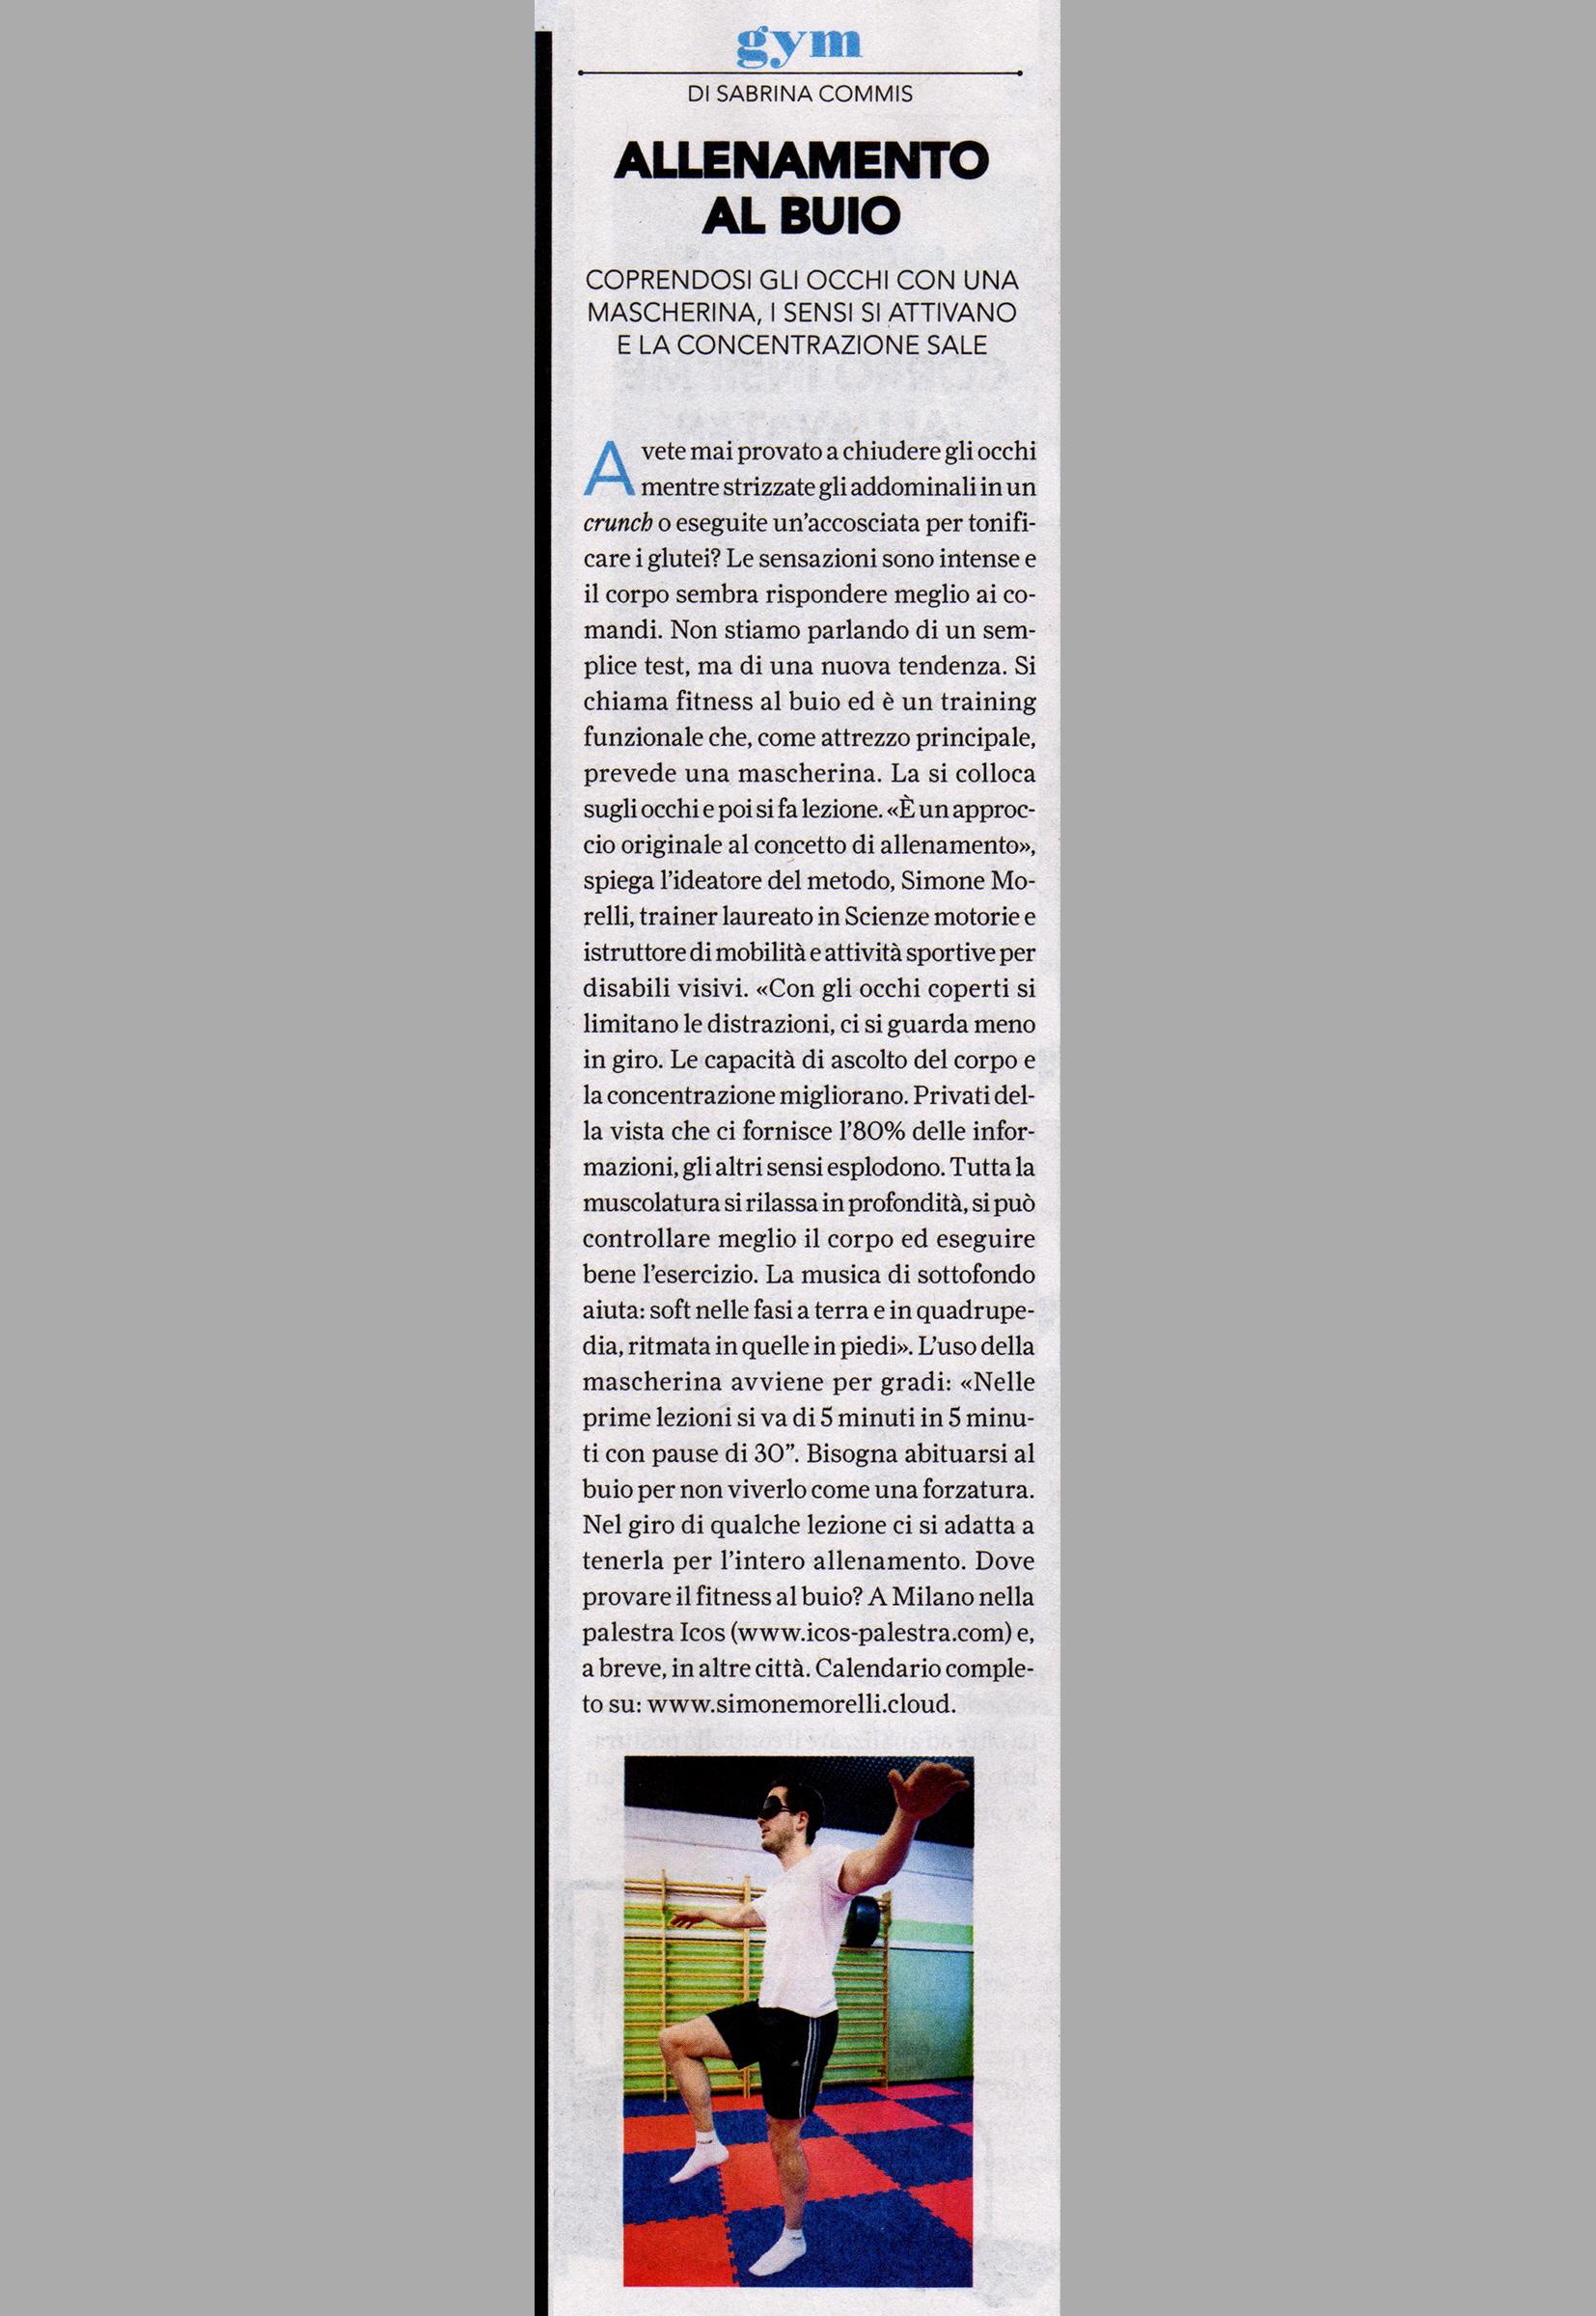 SportWeek - 8-4-2017 - Allenamento al buio